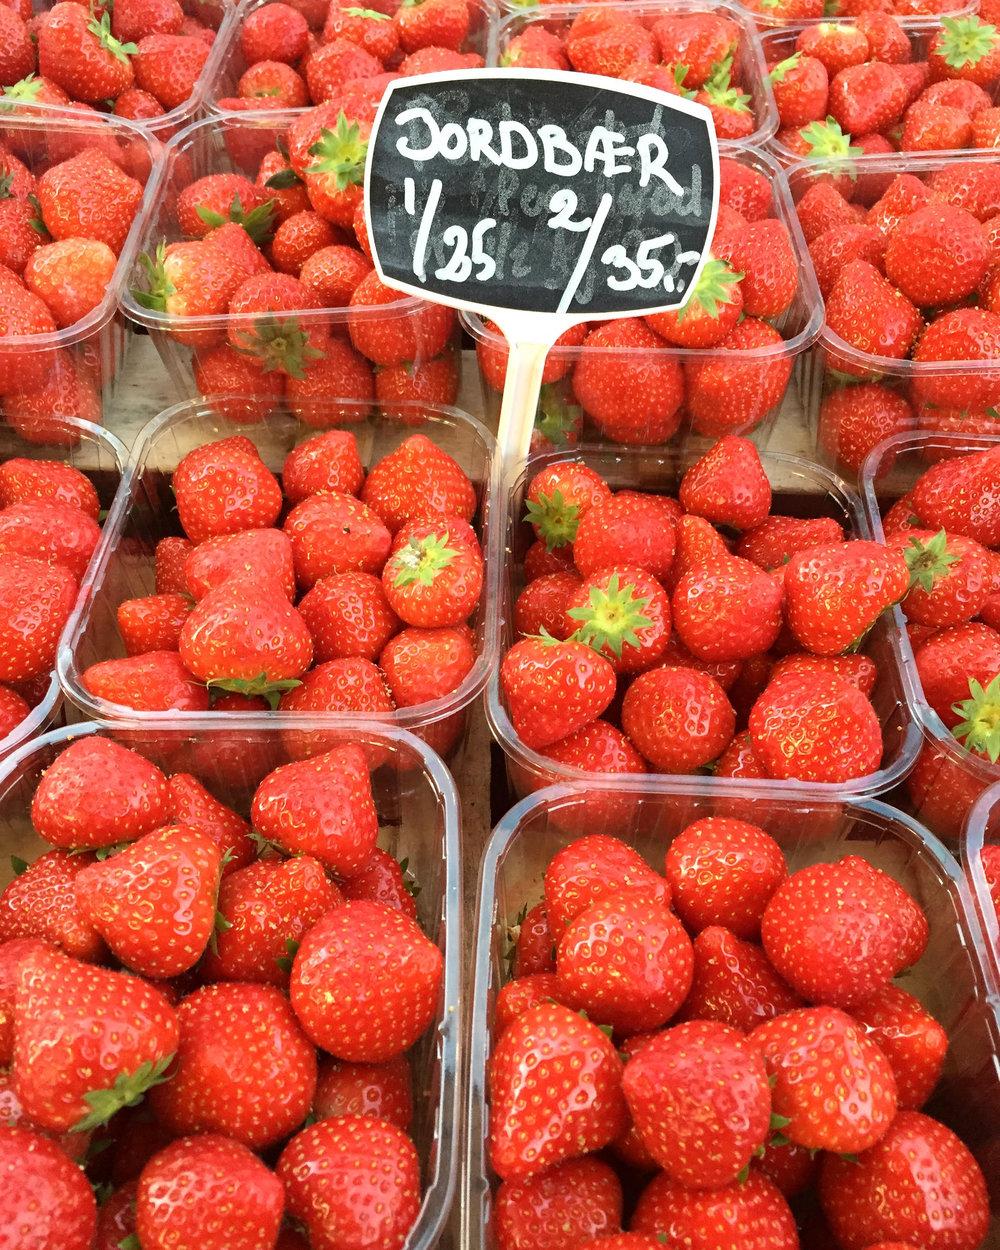 Yummy Danish strawberries